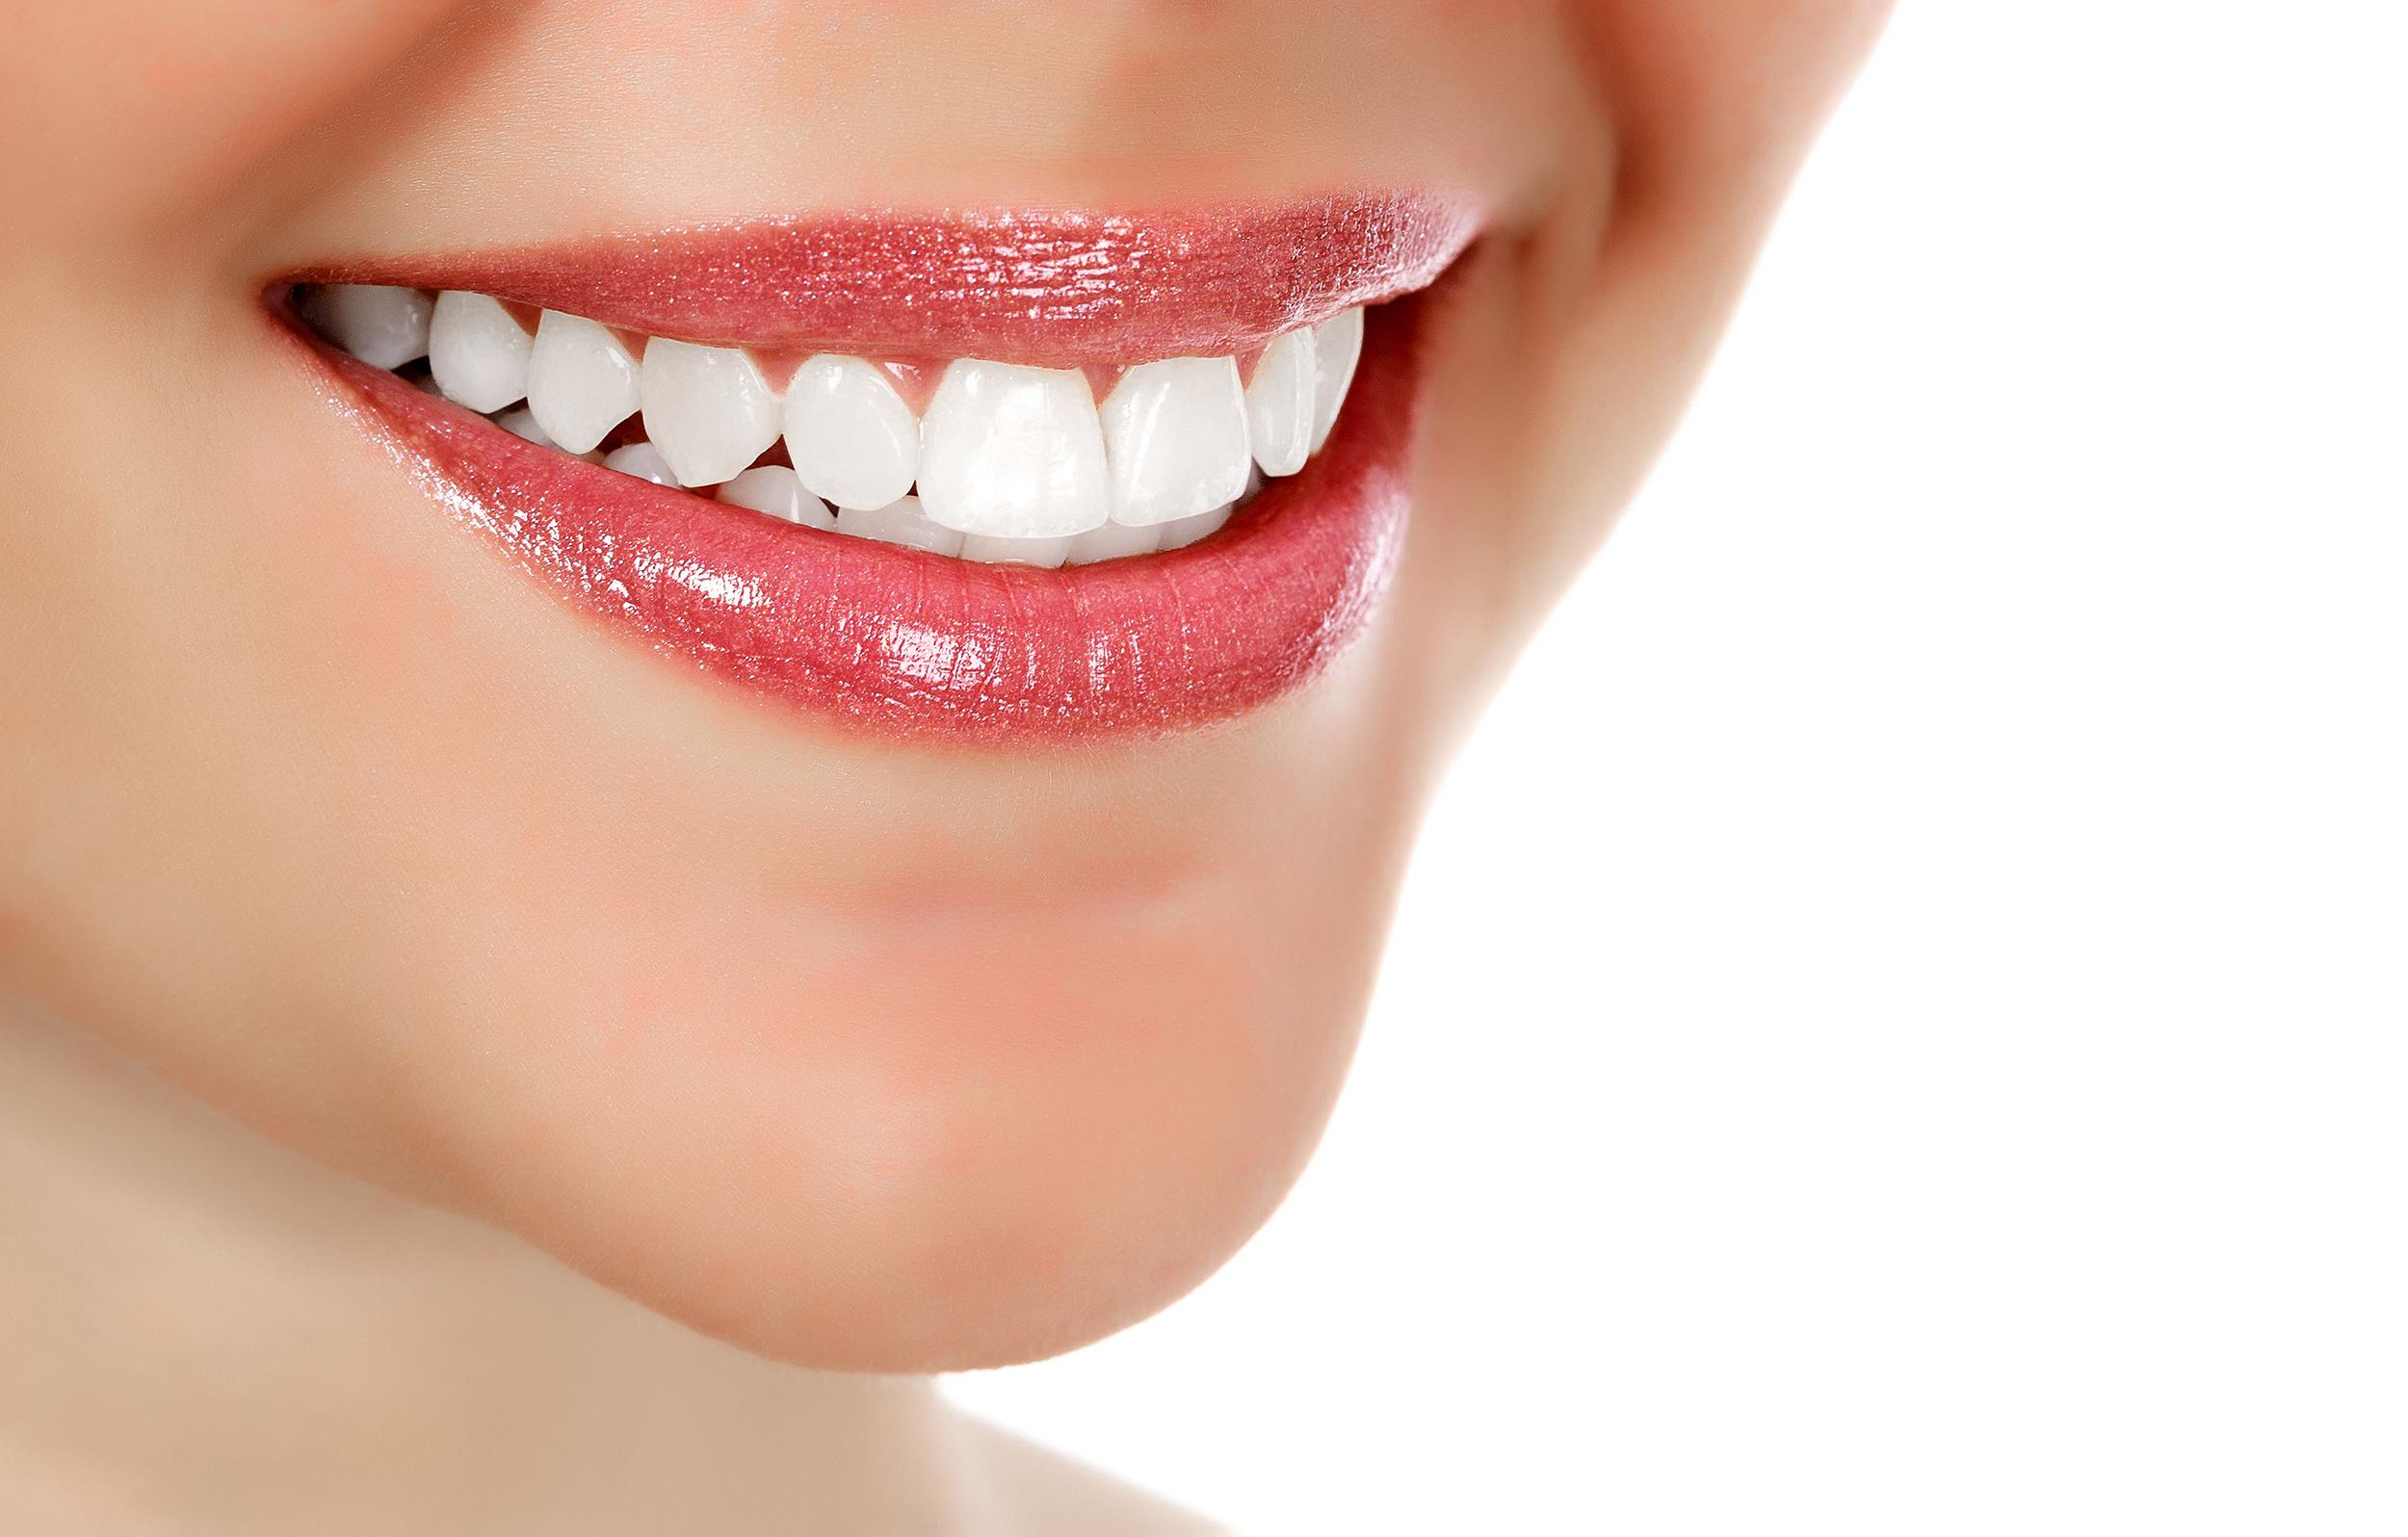 Teeth, Cosmetic Dentistry